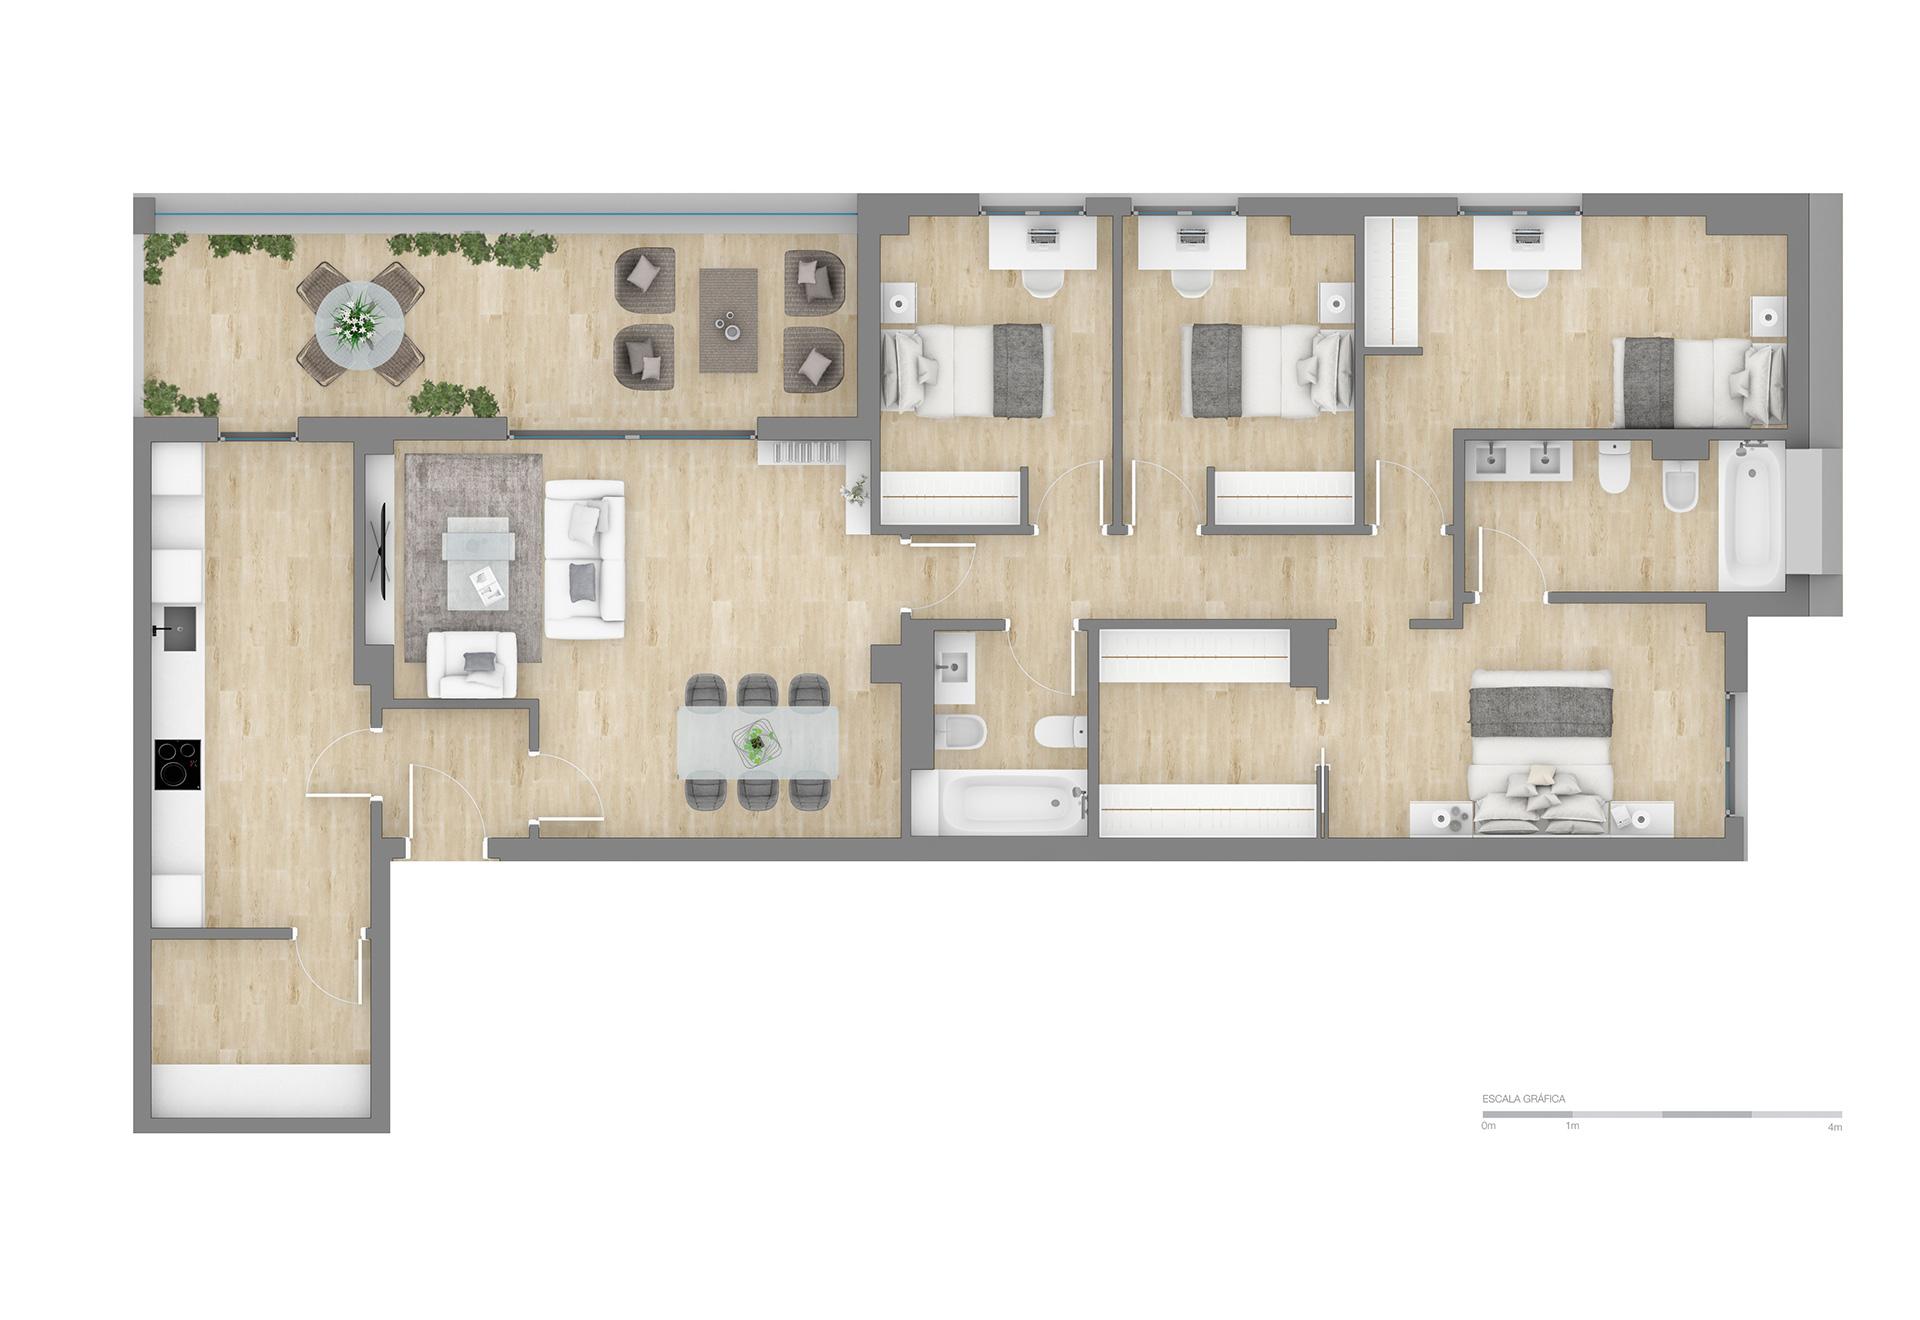 Altos de PozoAlbero | 4 Dormitorios